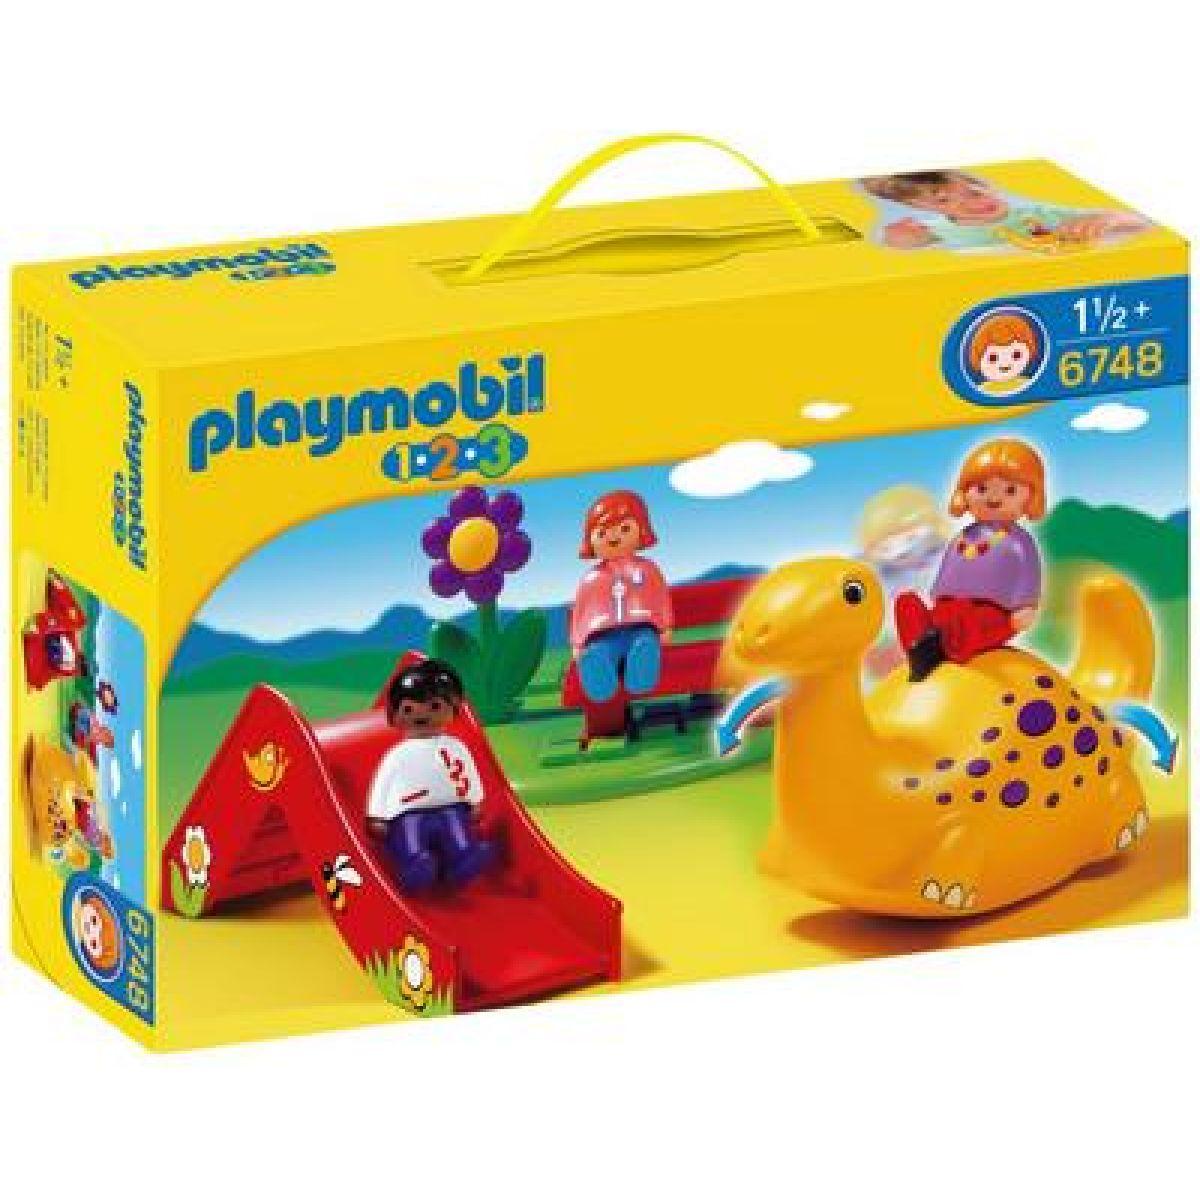 Playmobil 6748 - Dětské hřiště